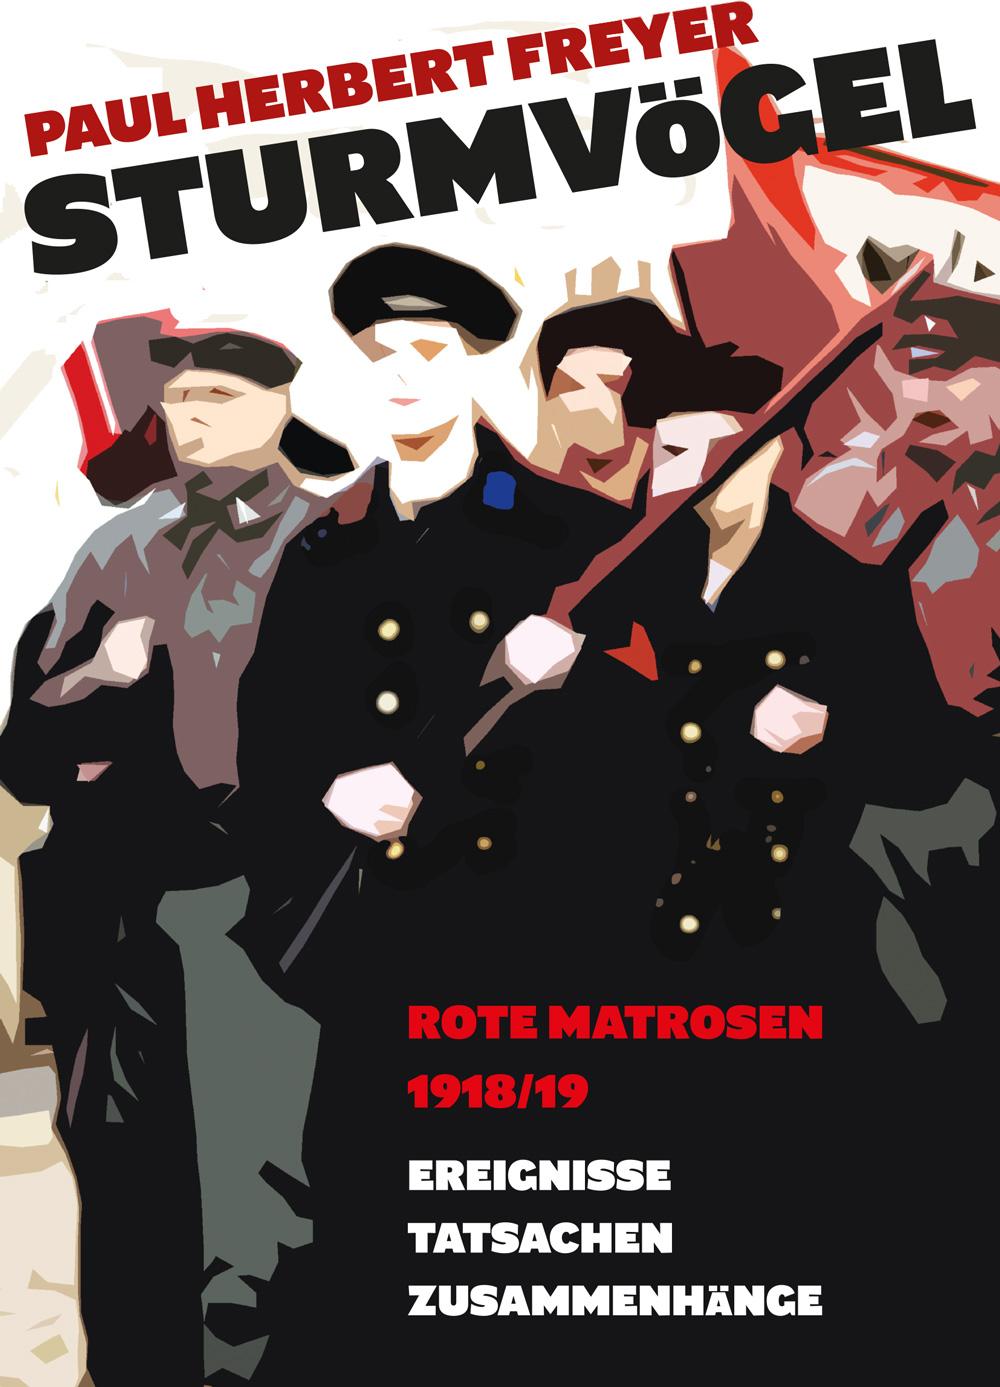 Sturmvögel - Rote Matrosen 1918/19, Ereignisse Tatsachen Zusammenhänge